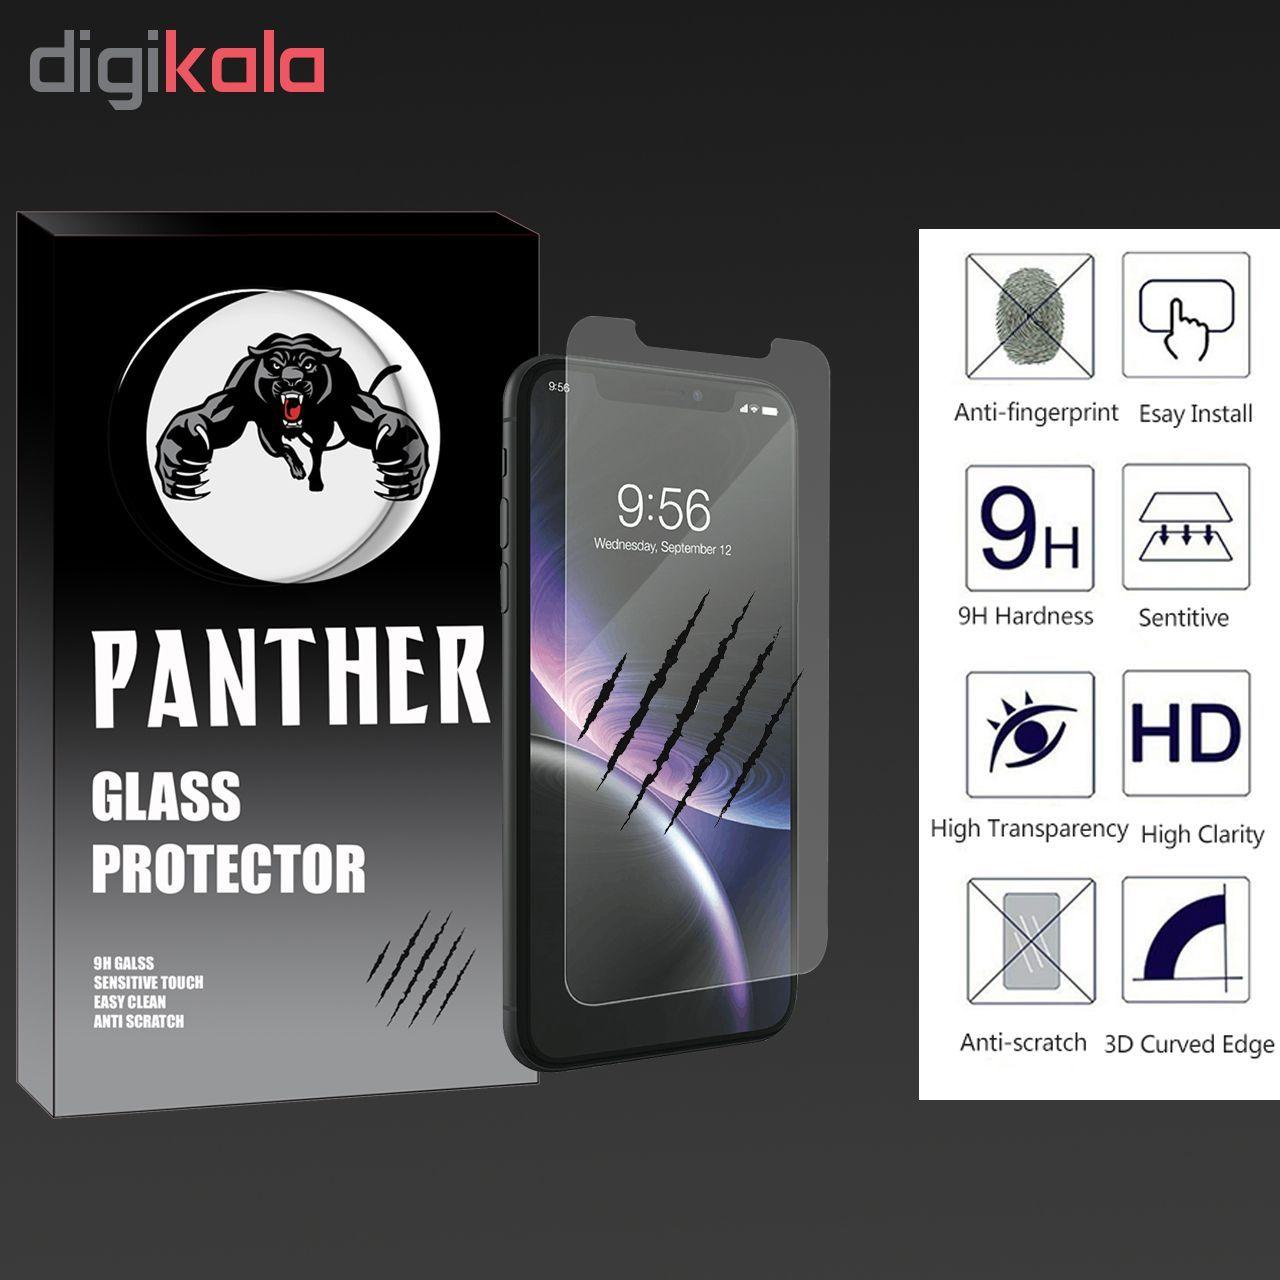 محافظ صفحه نمایش مات پنتر مدل PFG-017 مناسب برای گوشی موبایل اپل iPhone 6 Plus / 6s Plus main 1 6